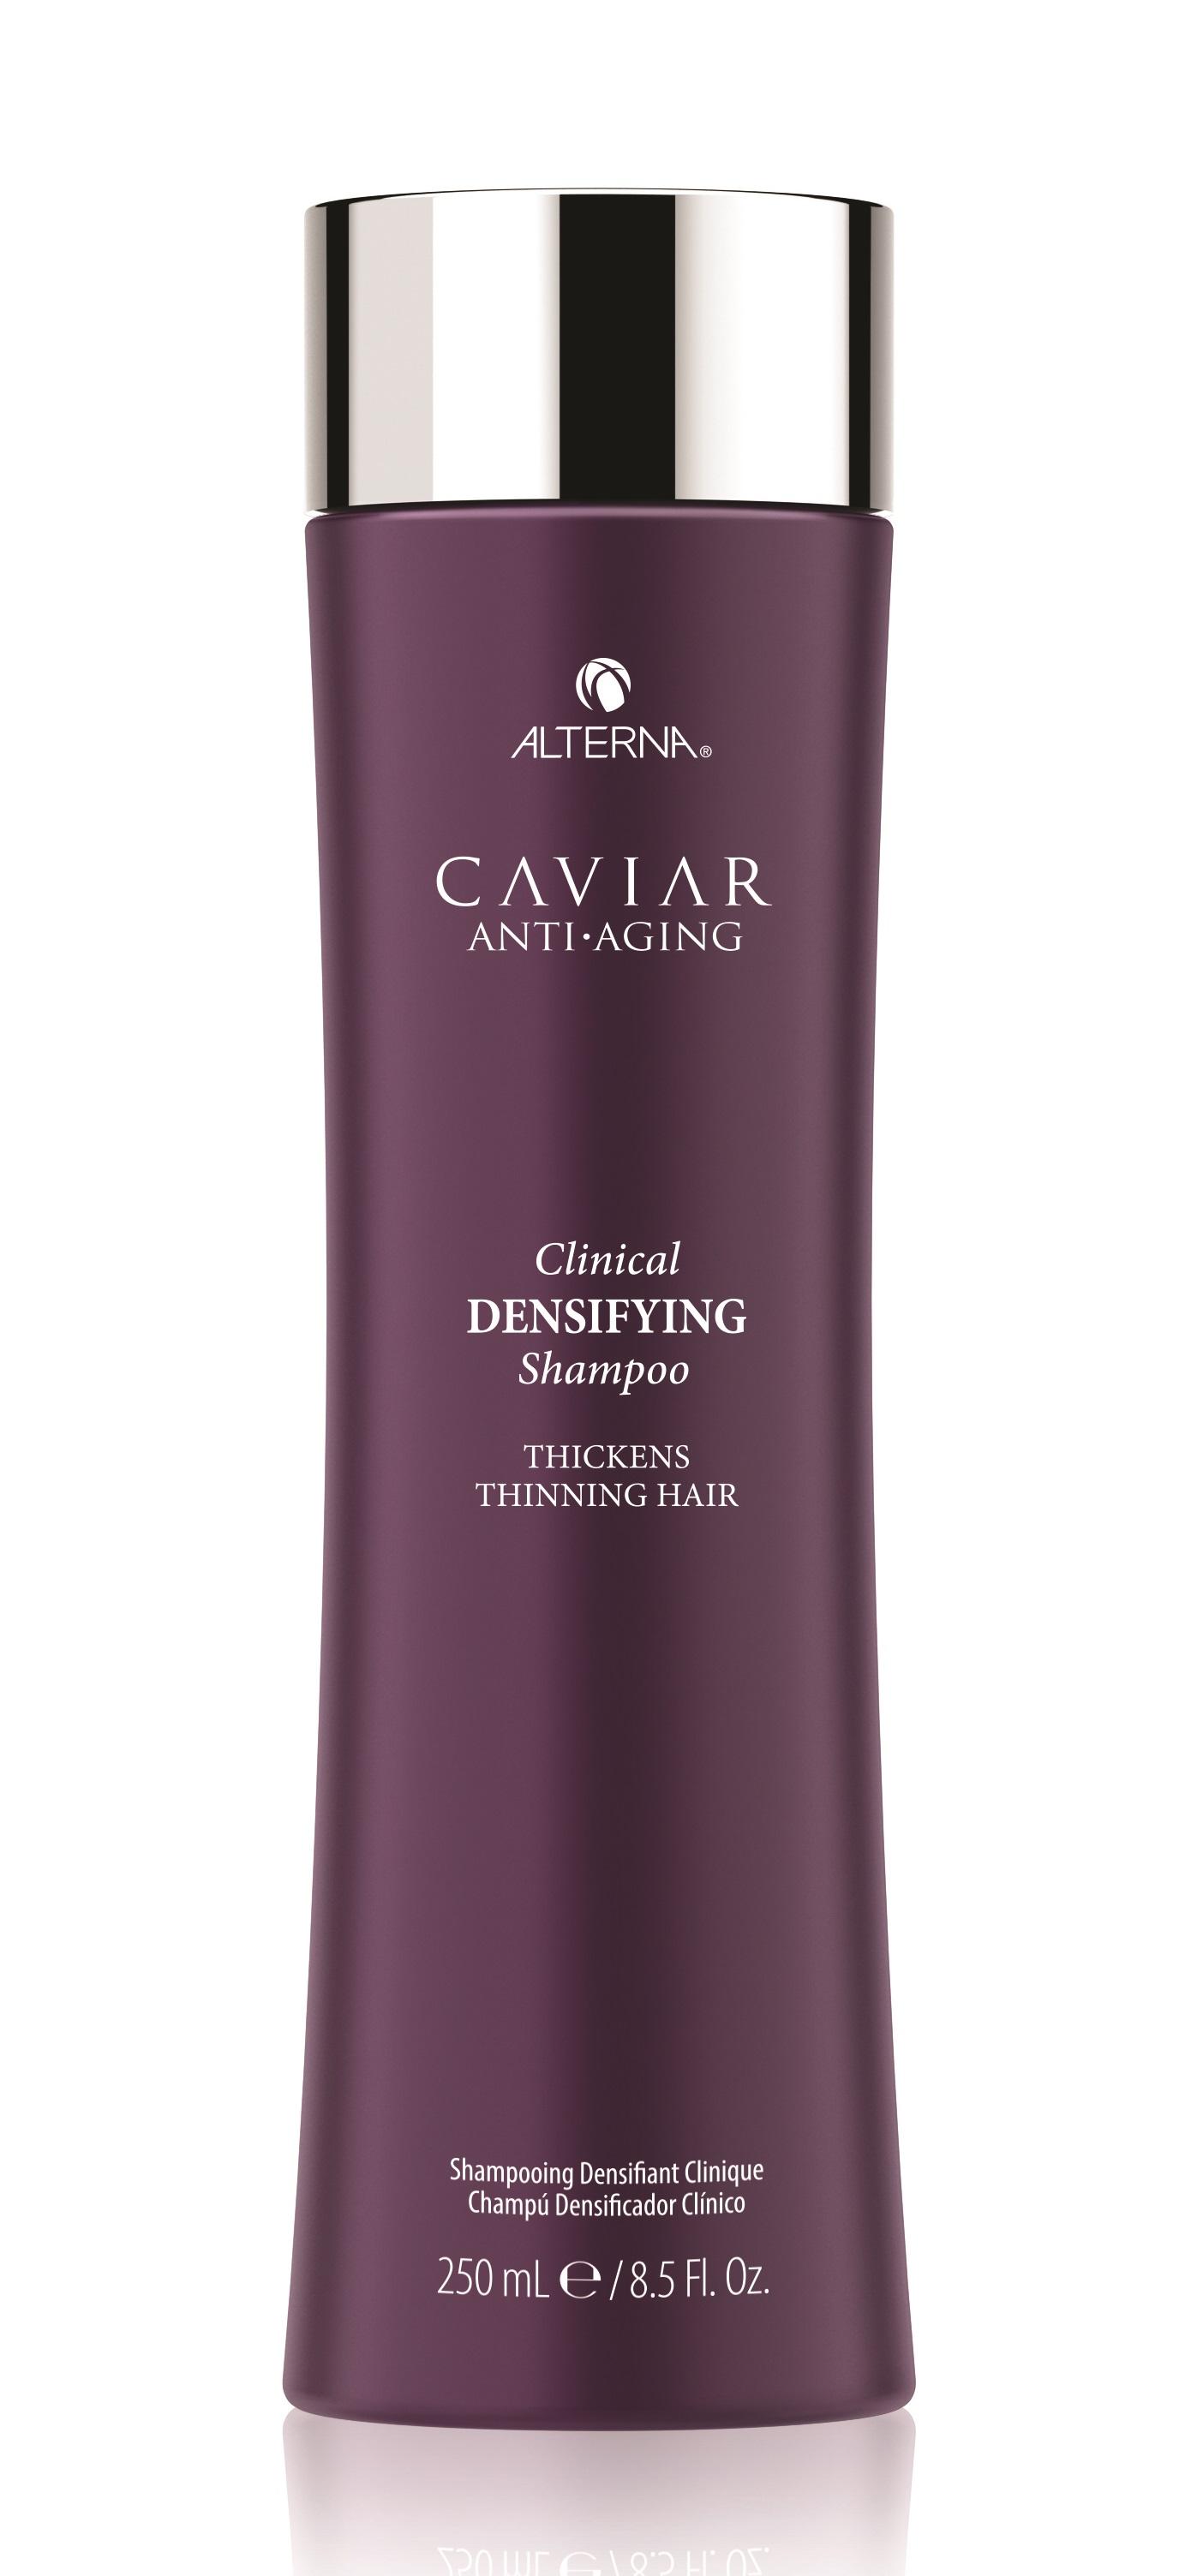 Купить ALTERNA Шампунь-детокс для уплотнения и стимулирования роста волос с экстрактом красного клевера / Caviar Anti-Aging Clinical Densifying Shampoo 250 мл